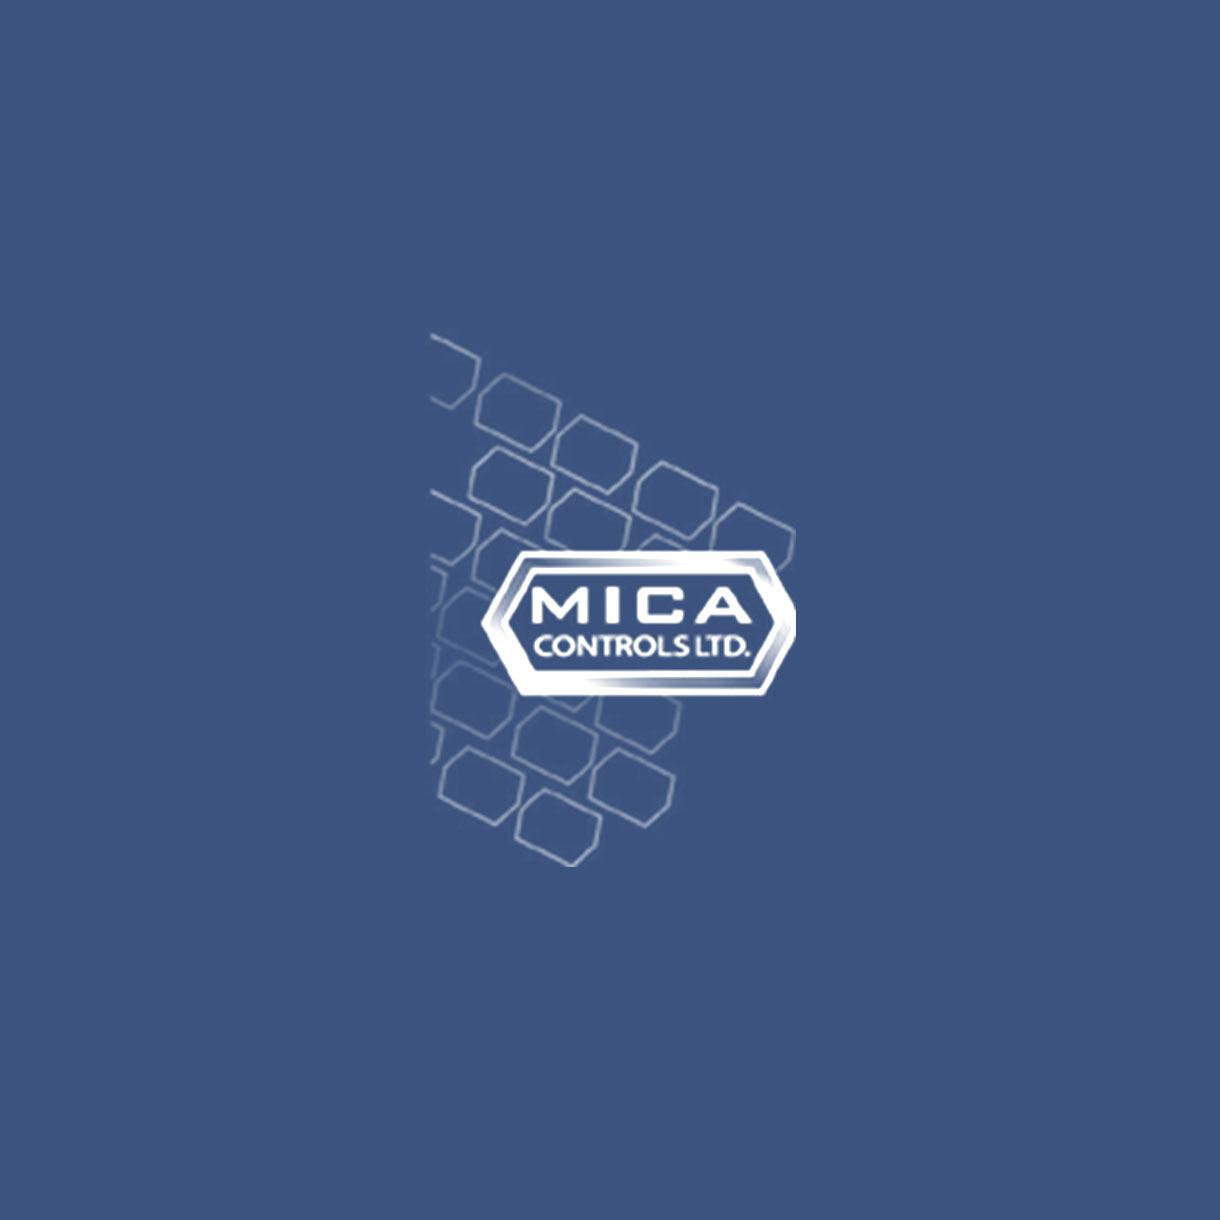 Mica Controls Icon